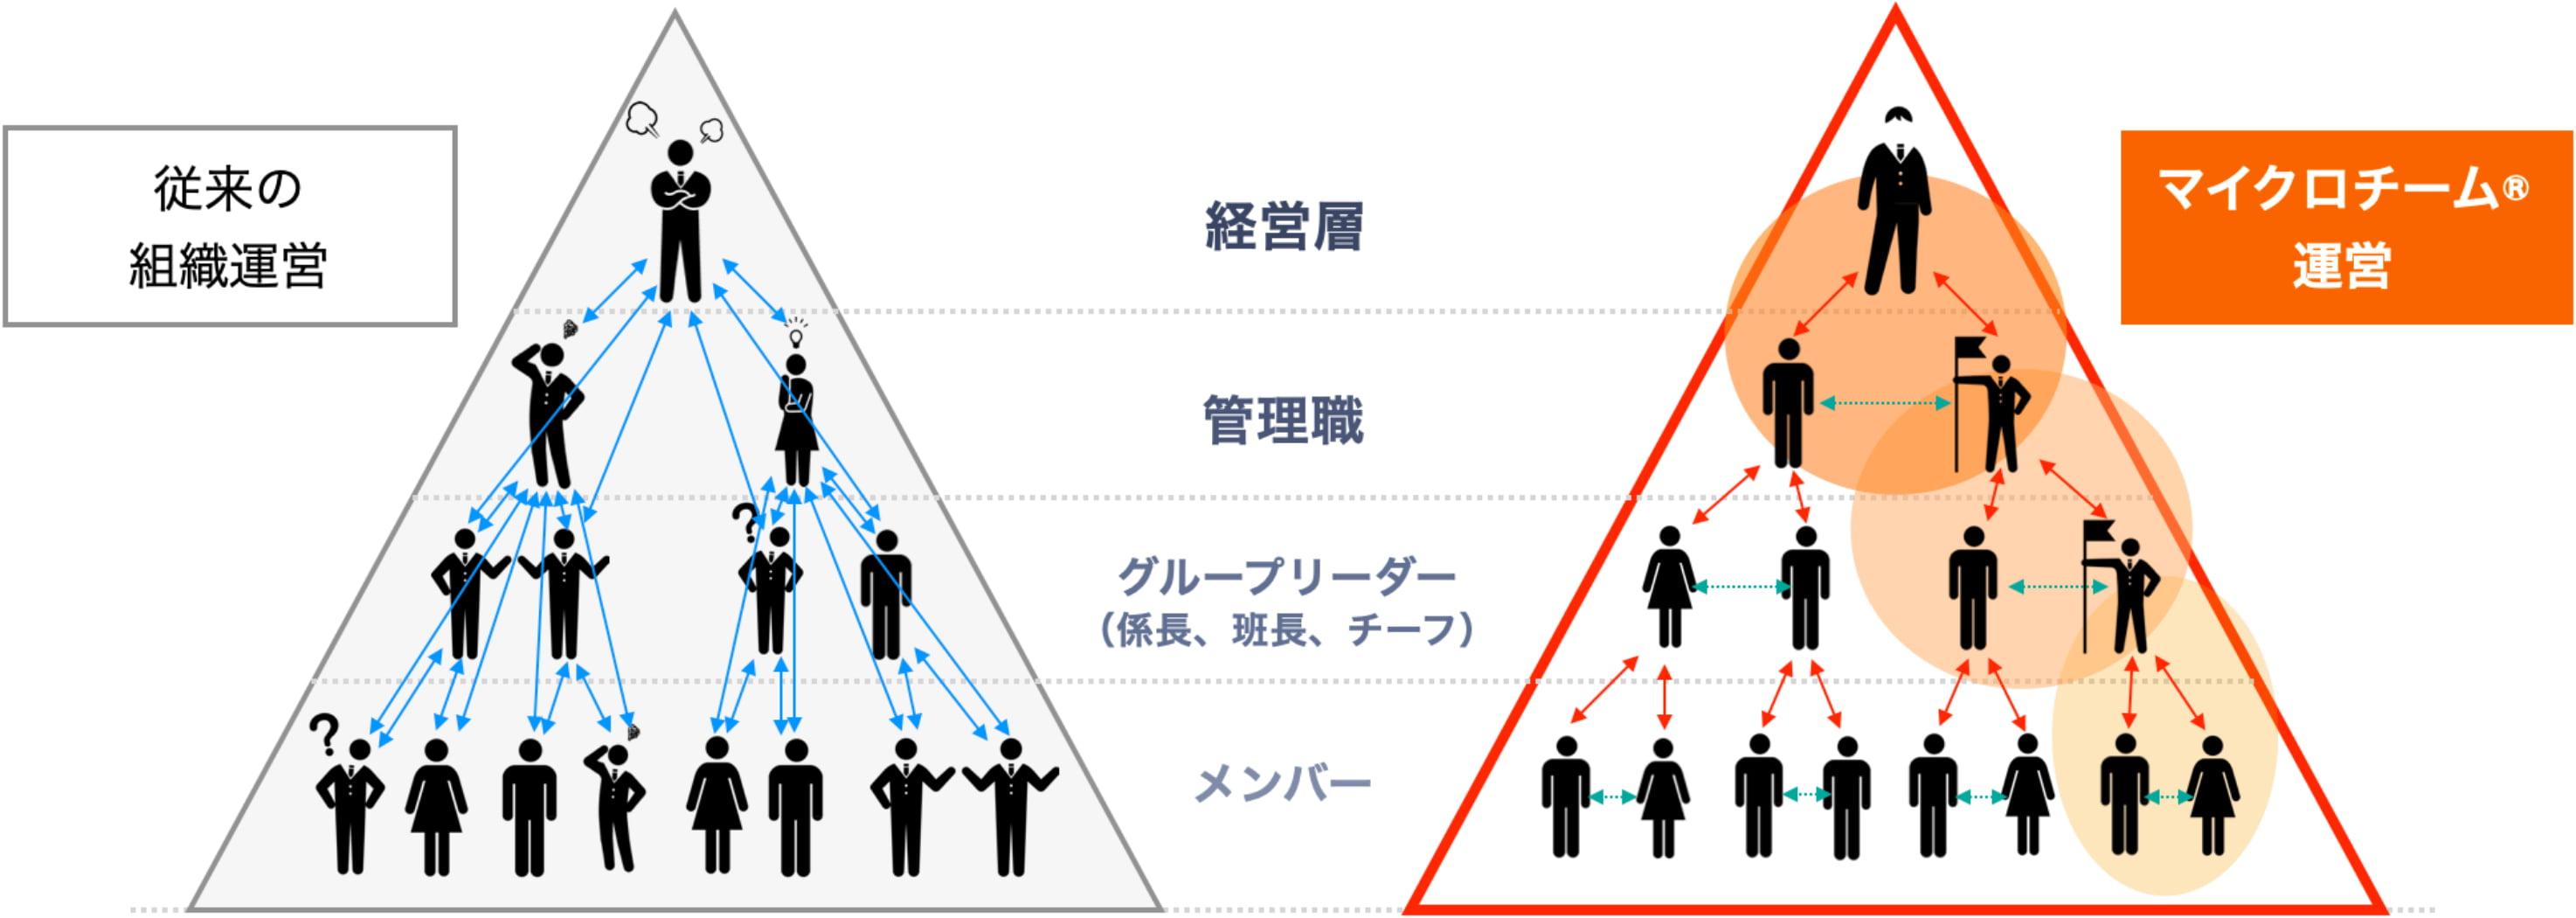 「マイクロチーム®」チームビルディング理論の図